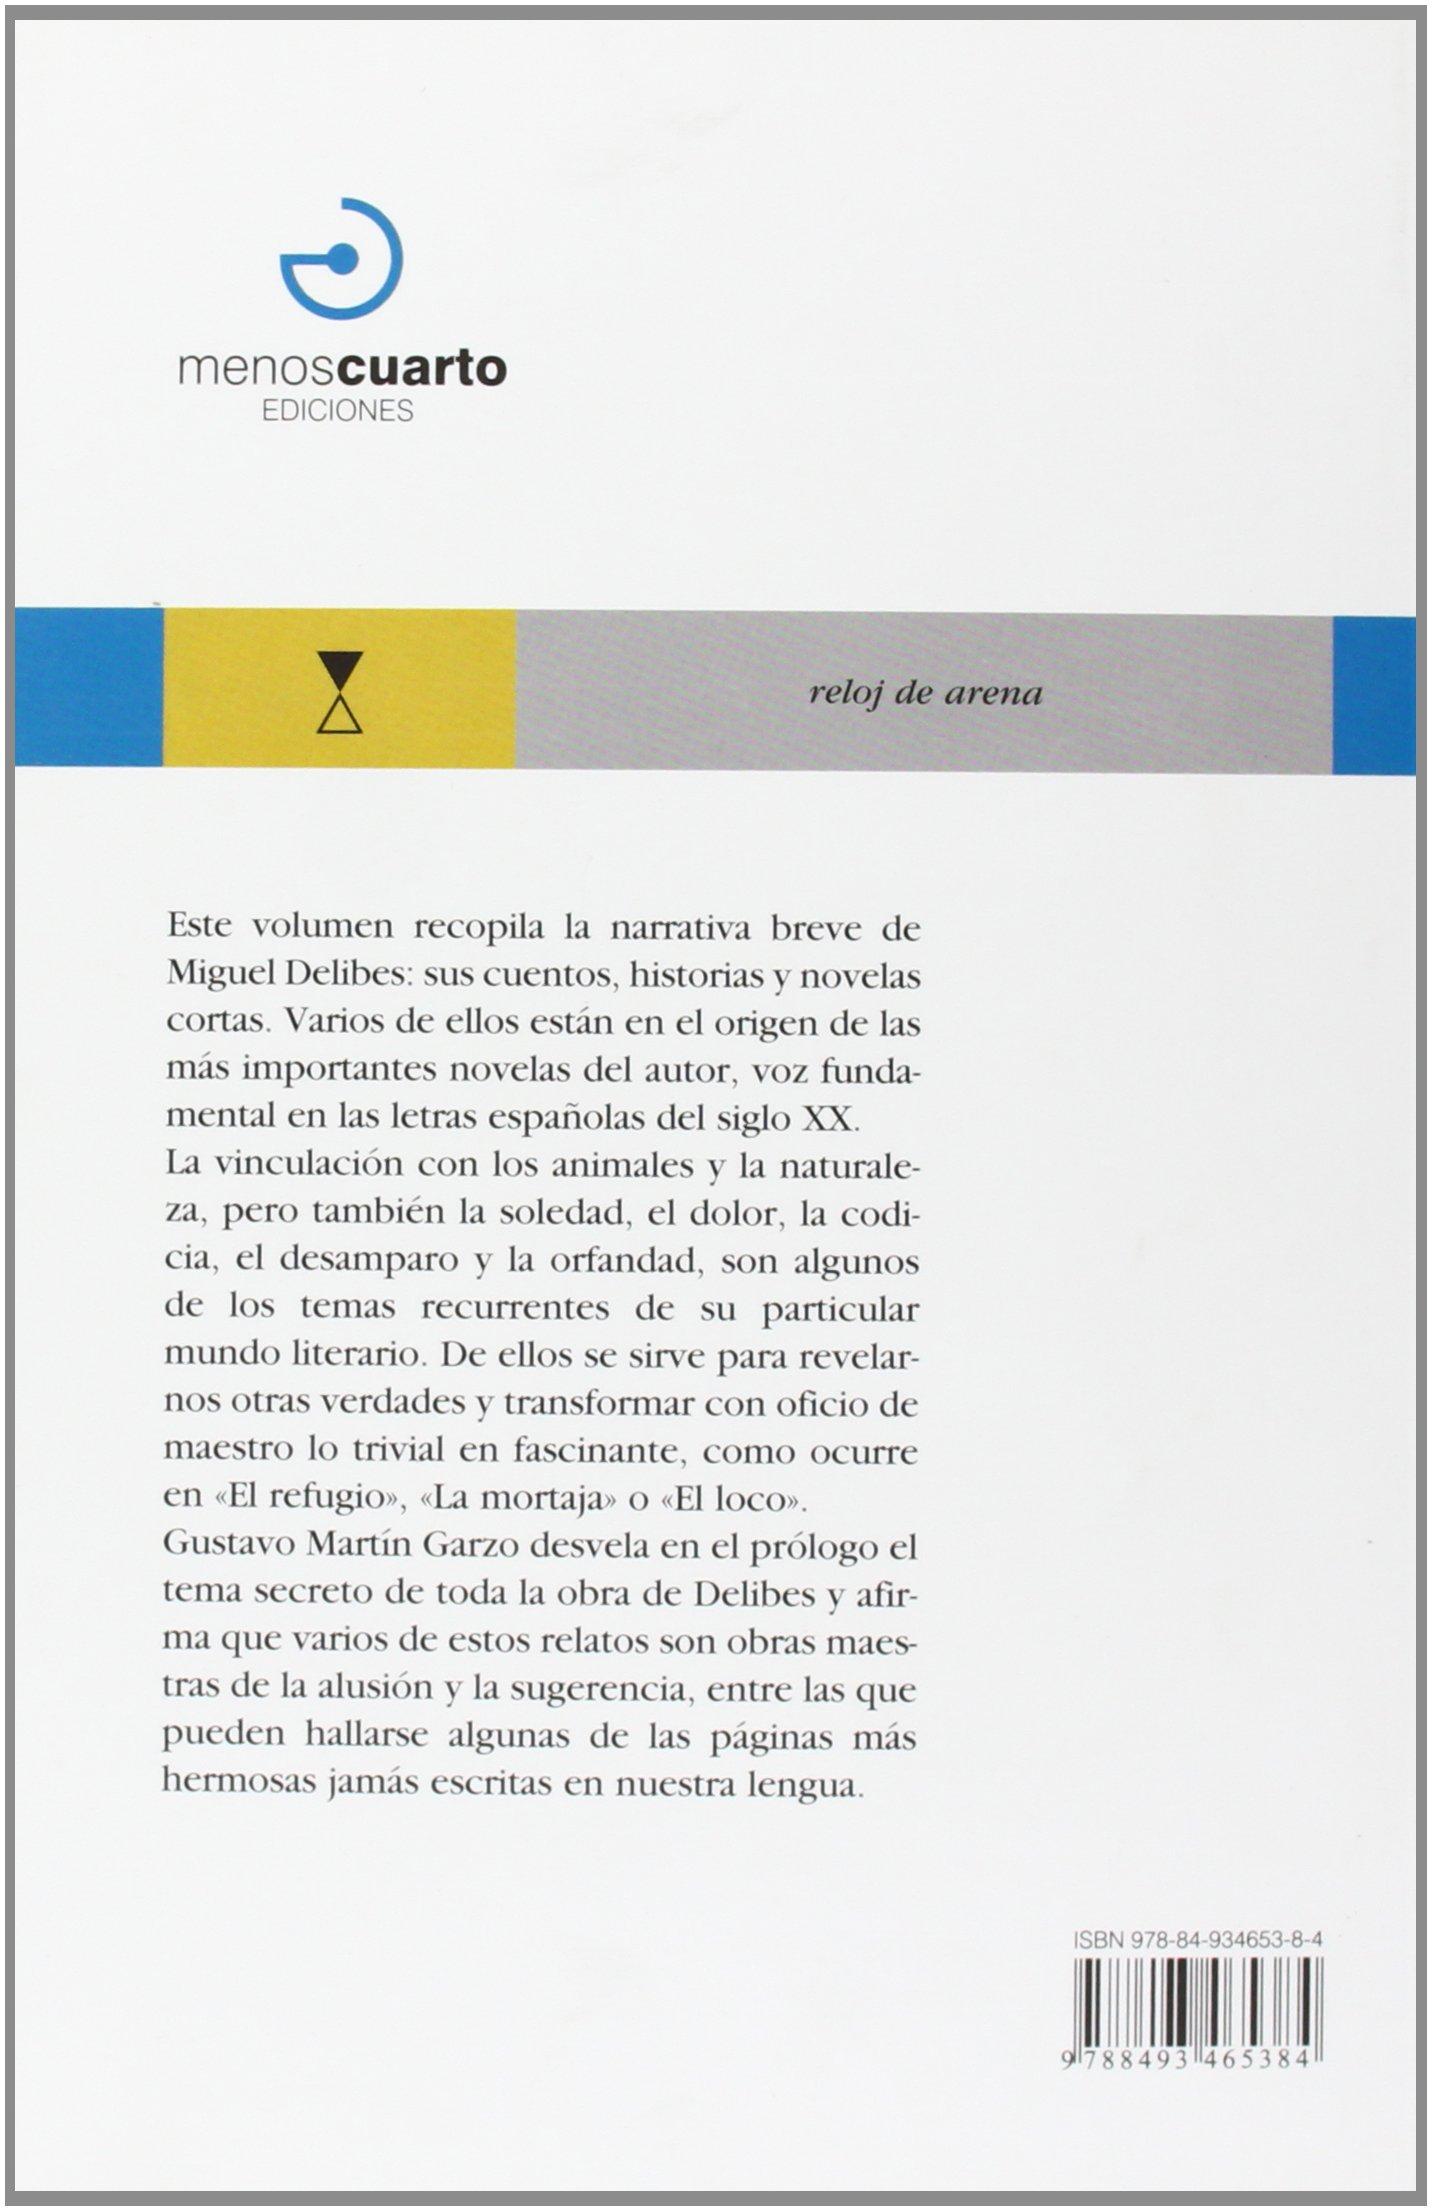 Viejas historias y cuentos completos: Miguel Delibes: 9788493465384: Amazon.com: Books